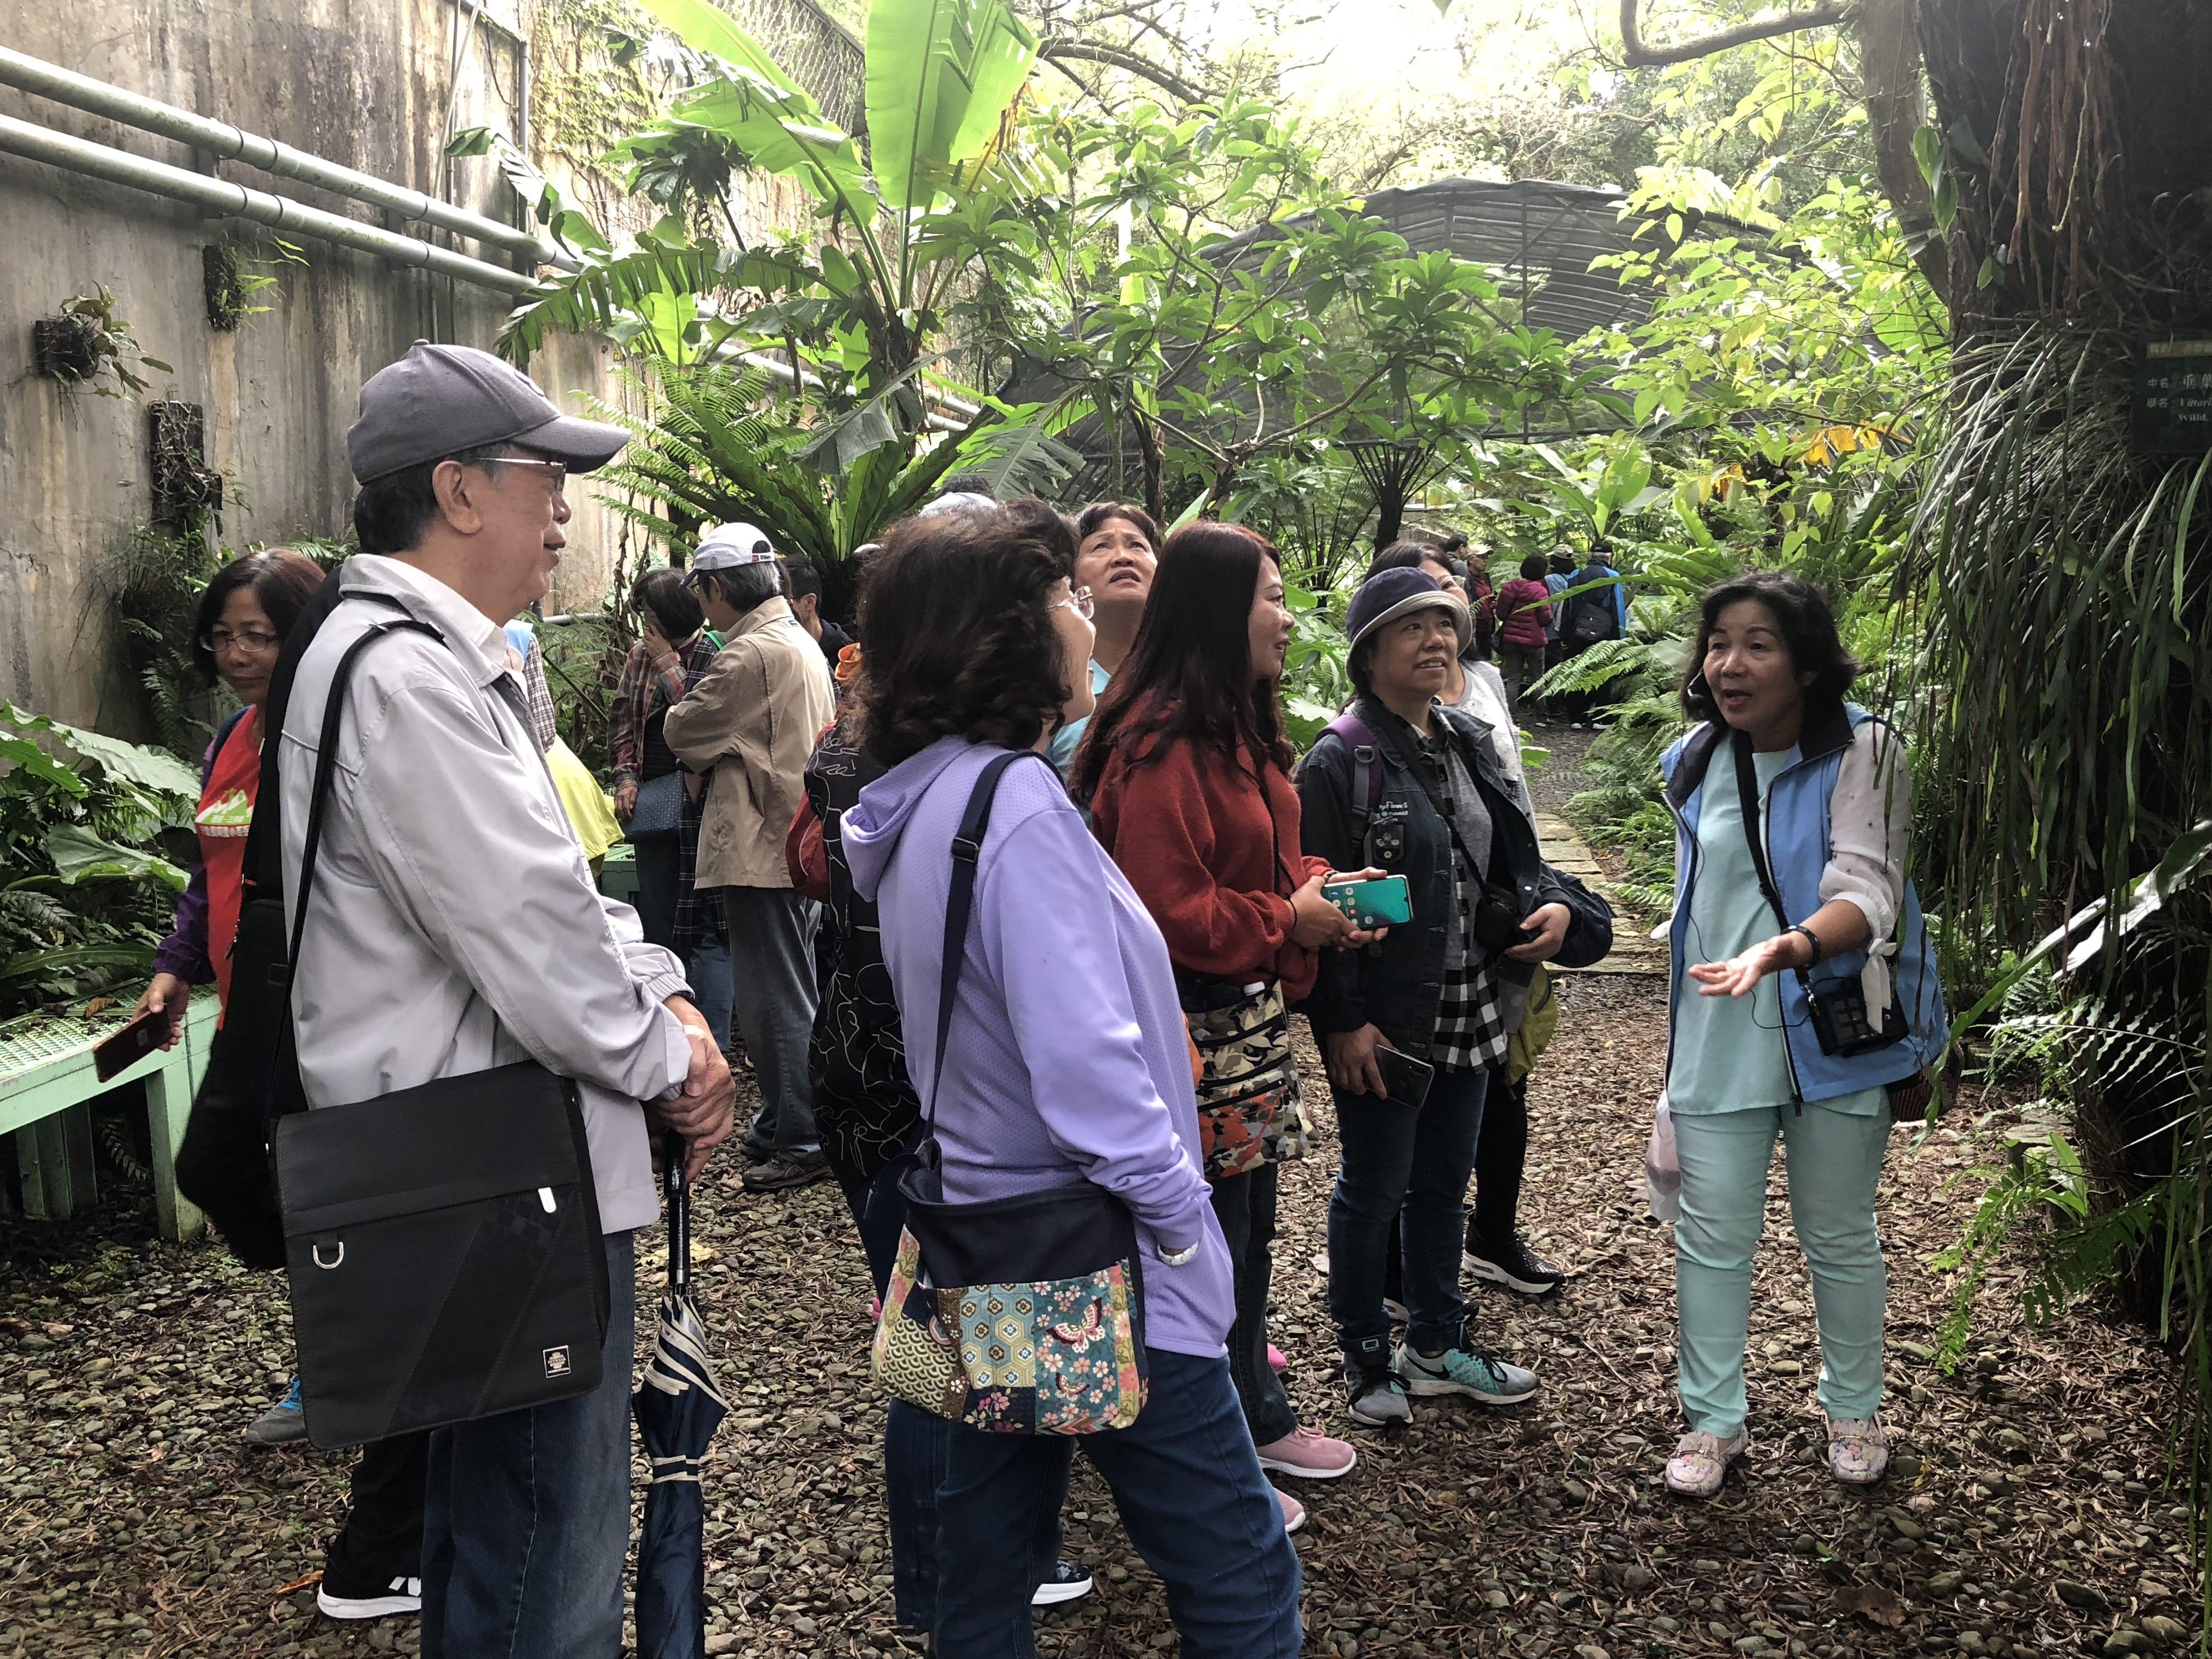 圖片說明:108年11月2日(週六)志工老師帶領民眾認識水庫豐富的生態